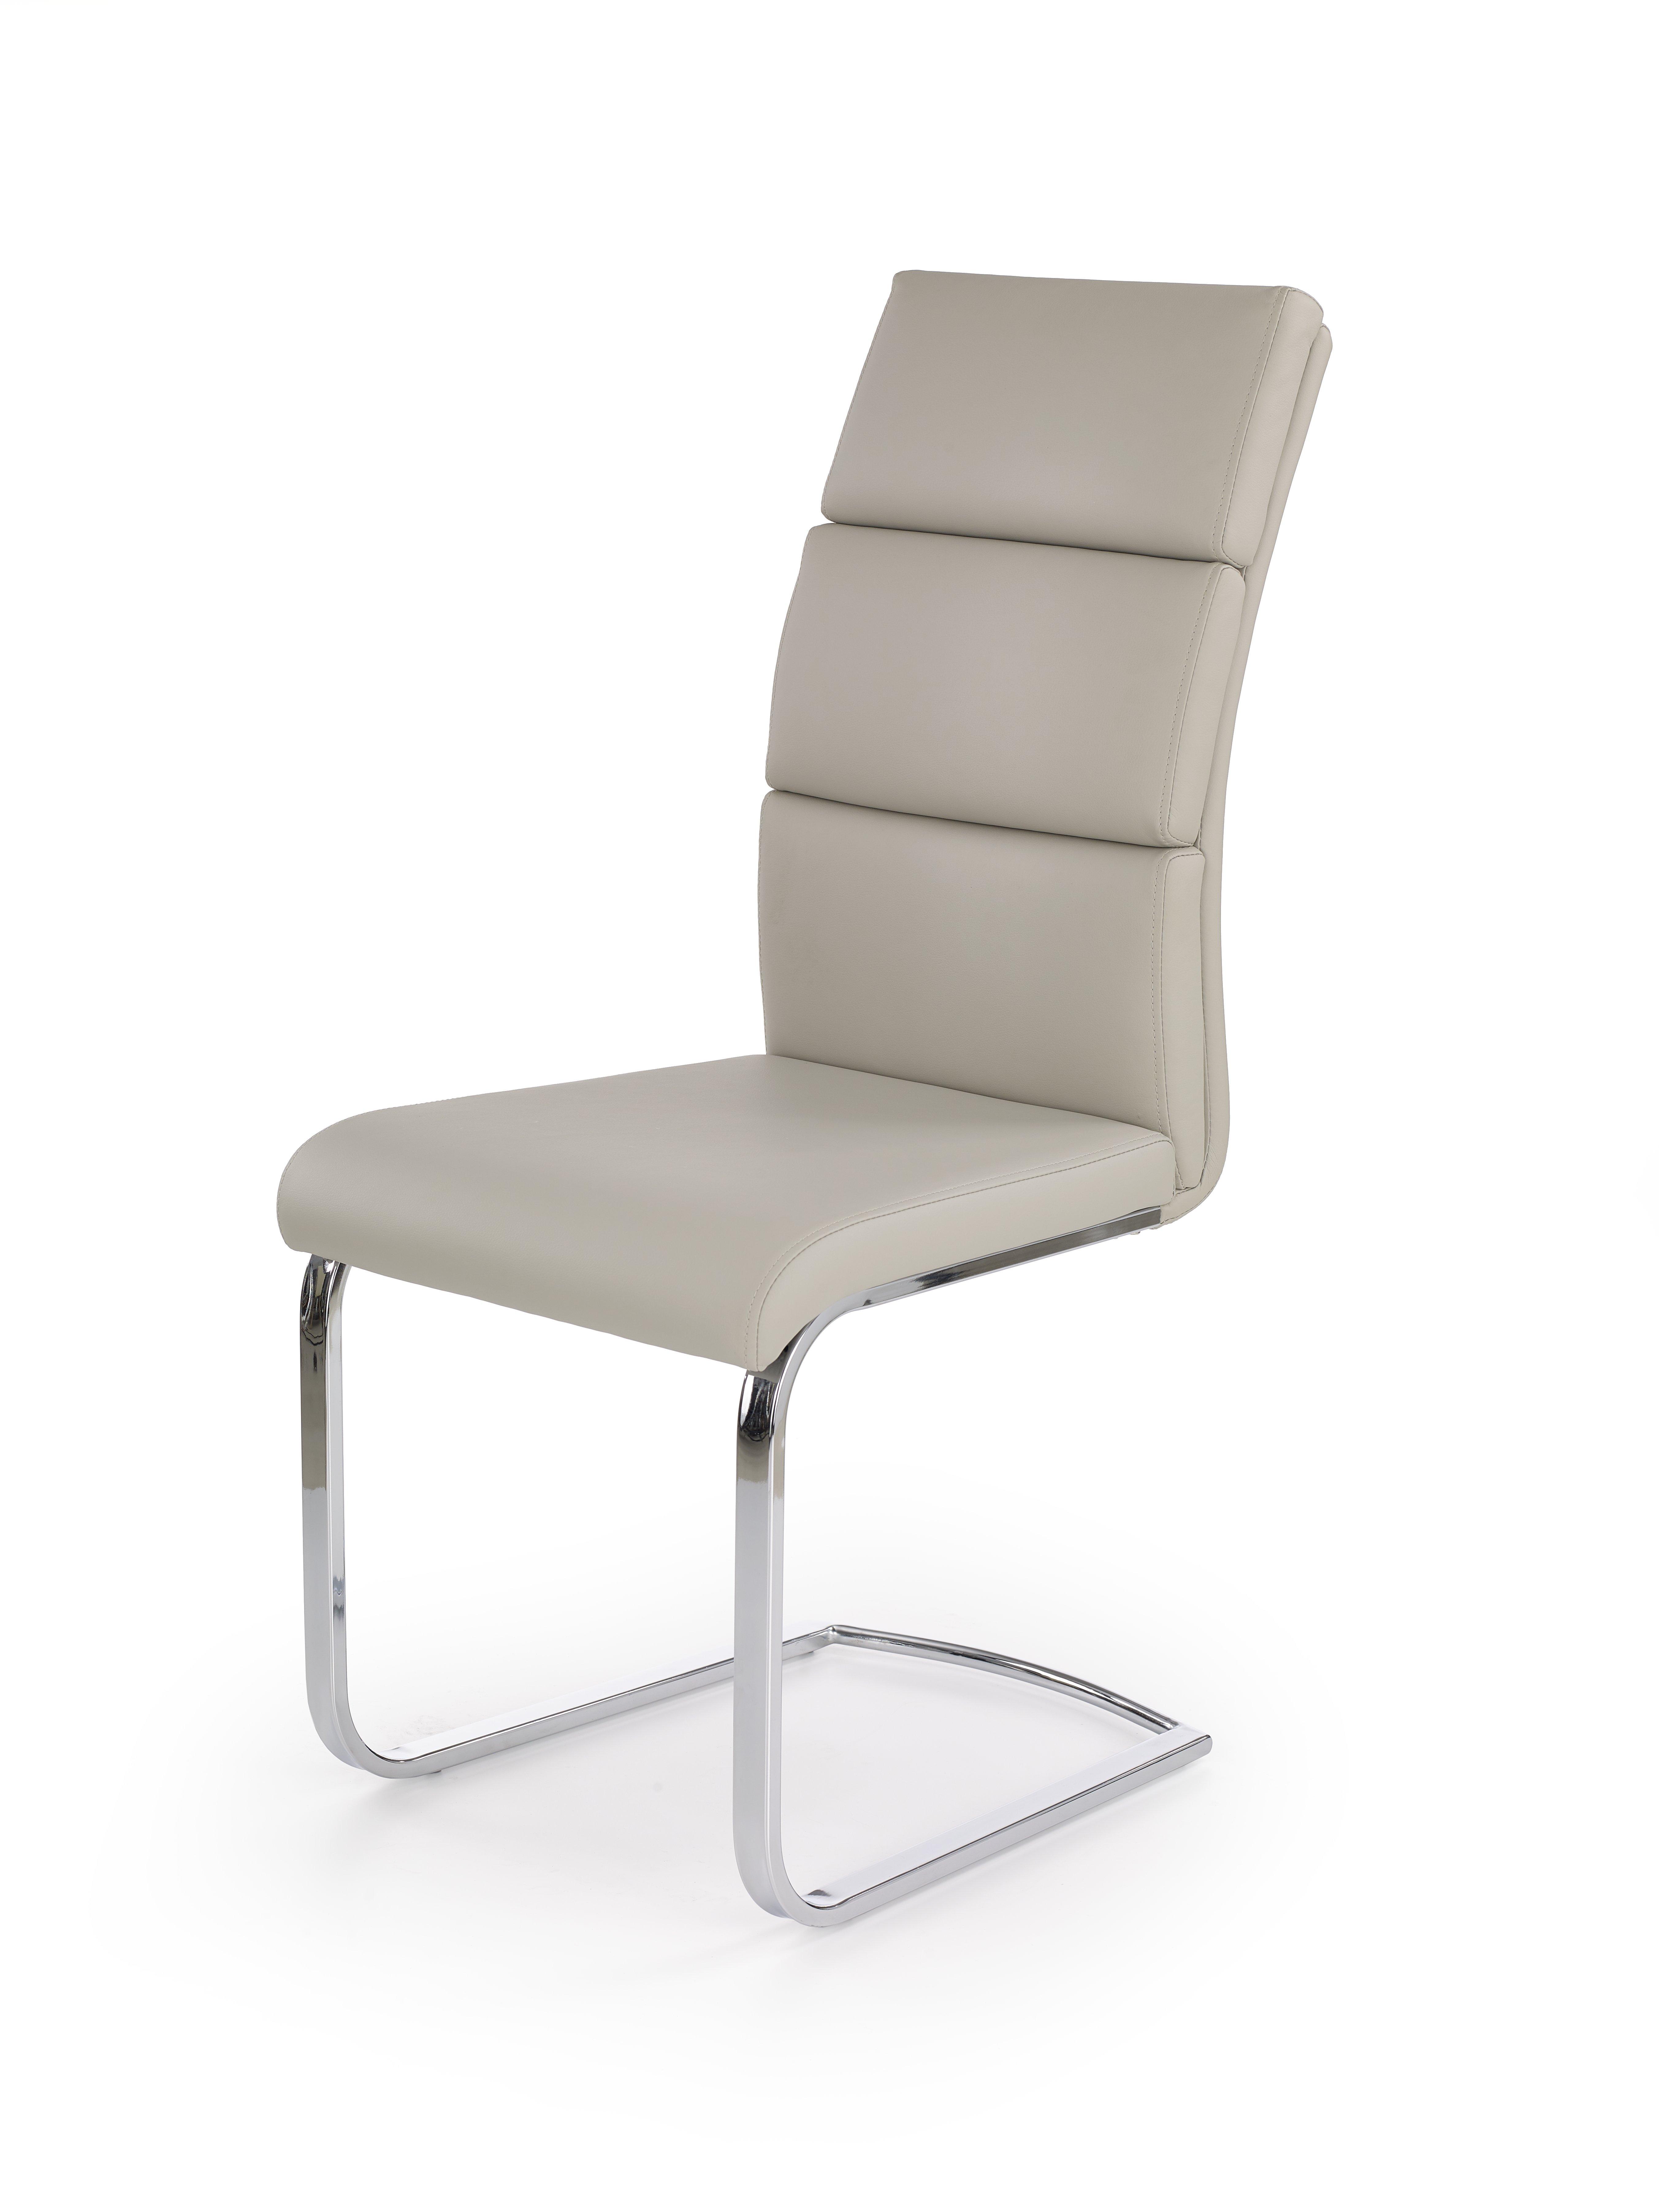 K230 stolička svetlo šedá